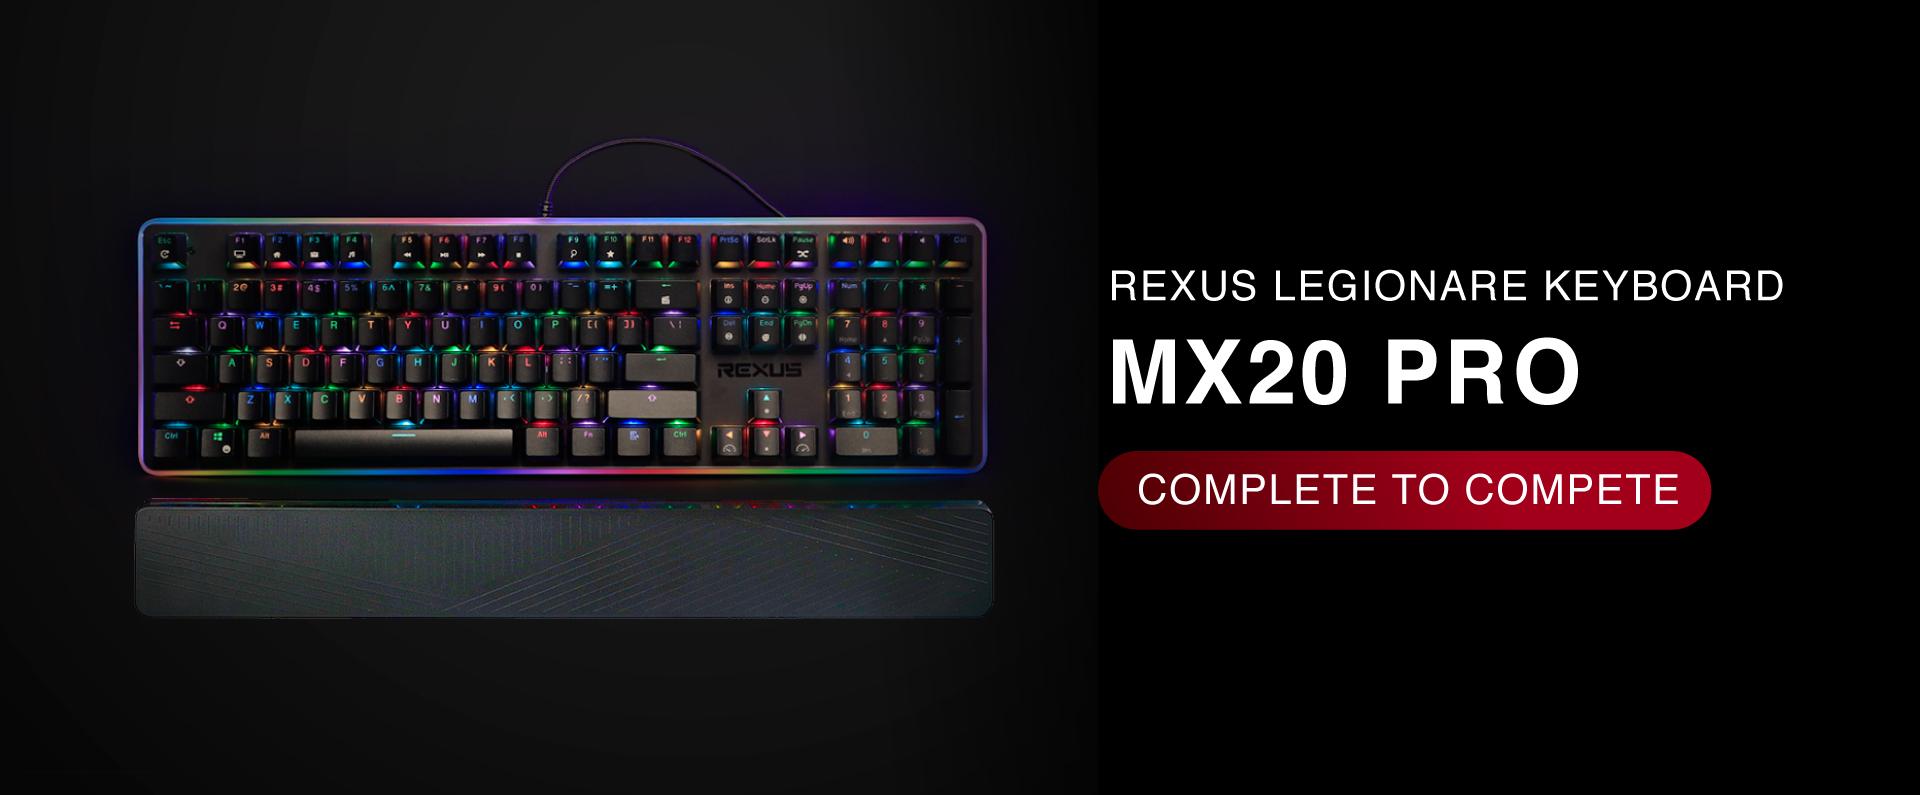 keyboard Rexus Legionare MX20 WL MX20P 04